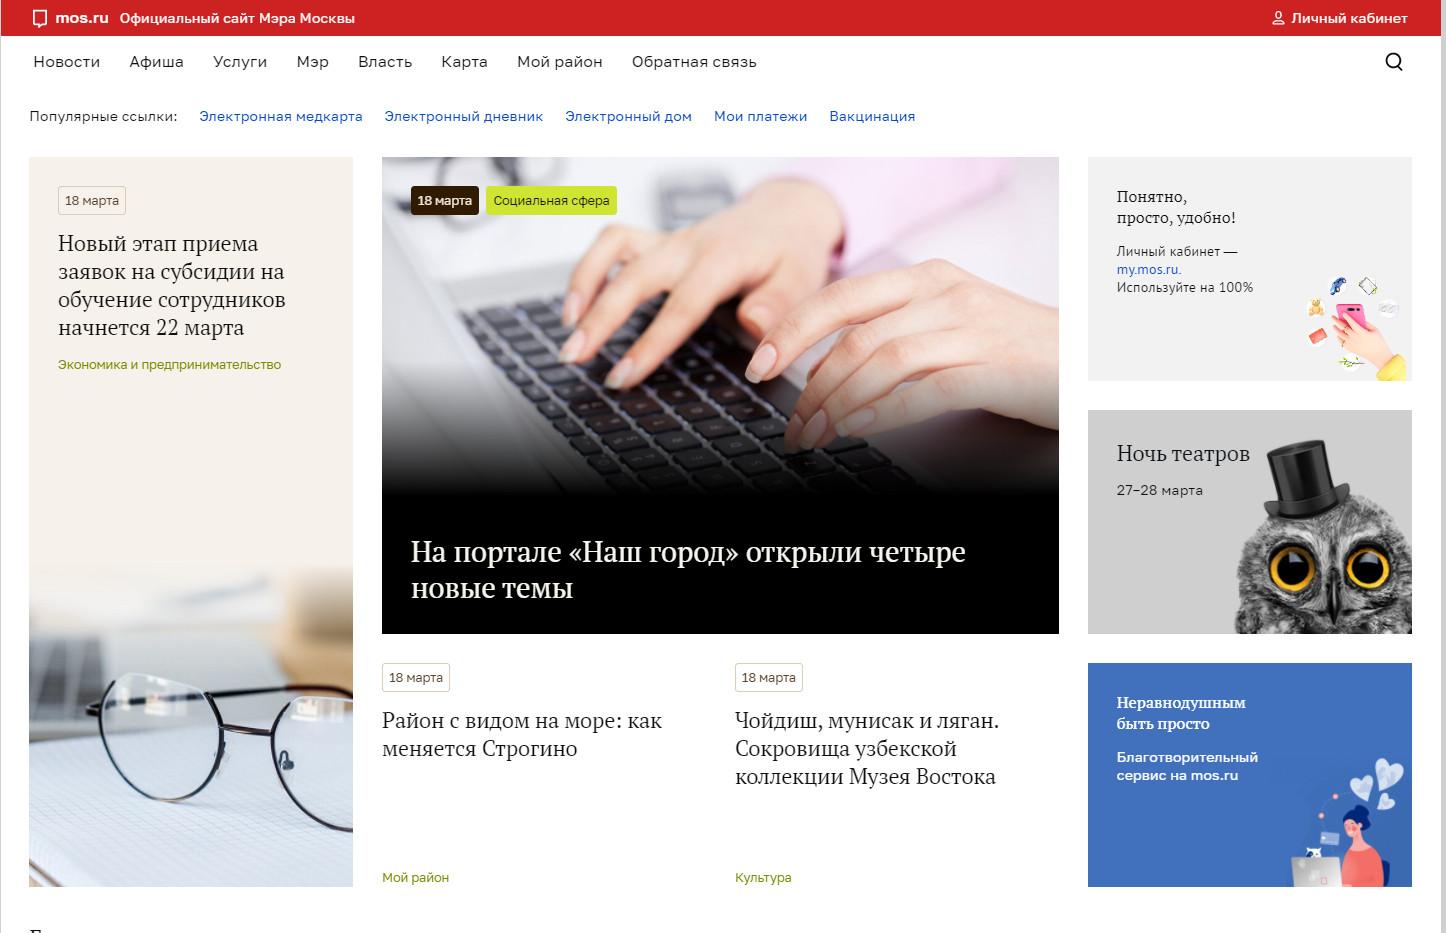 Мос ру - официальный сайт правительства